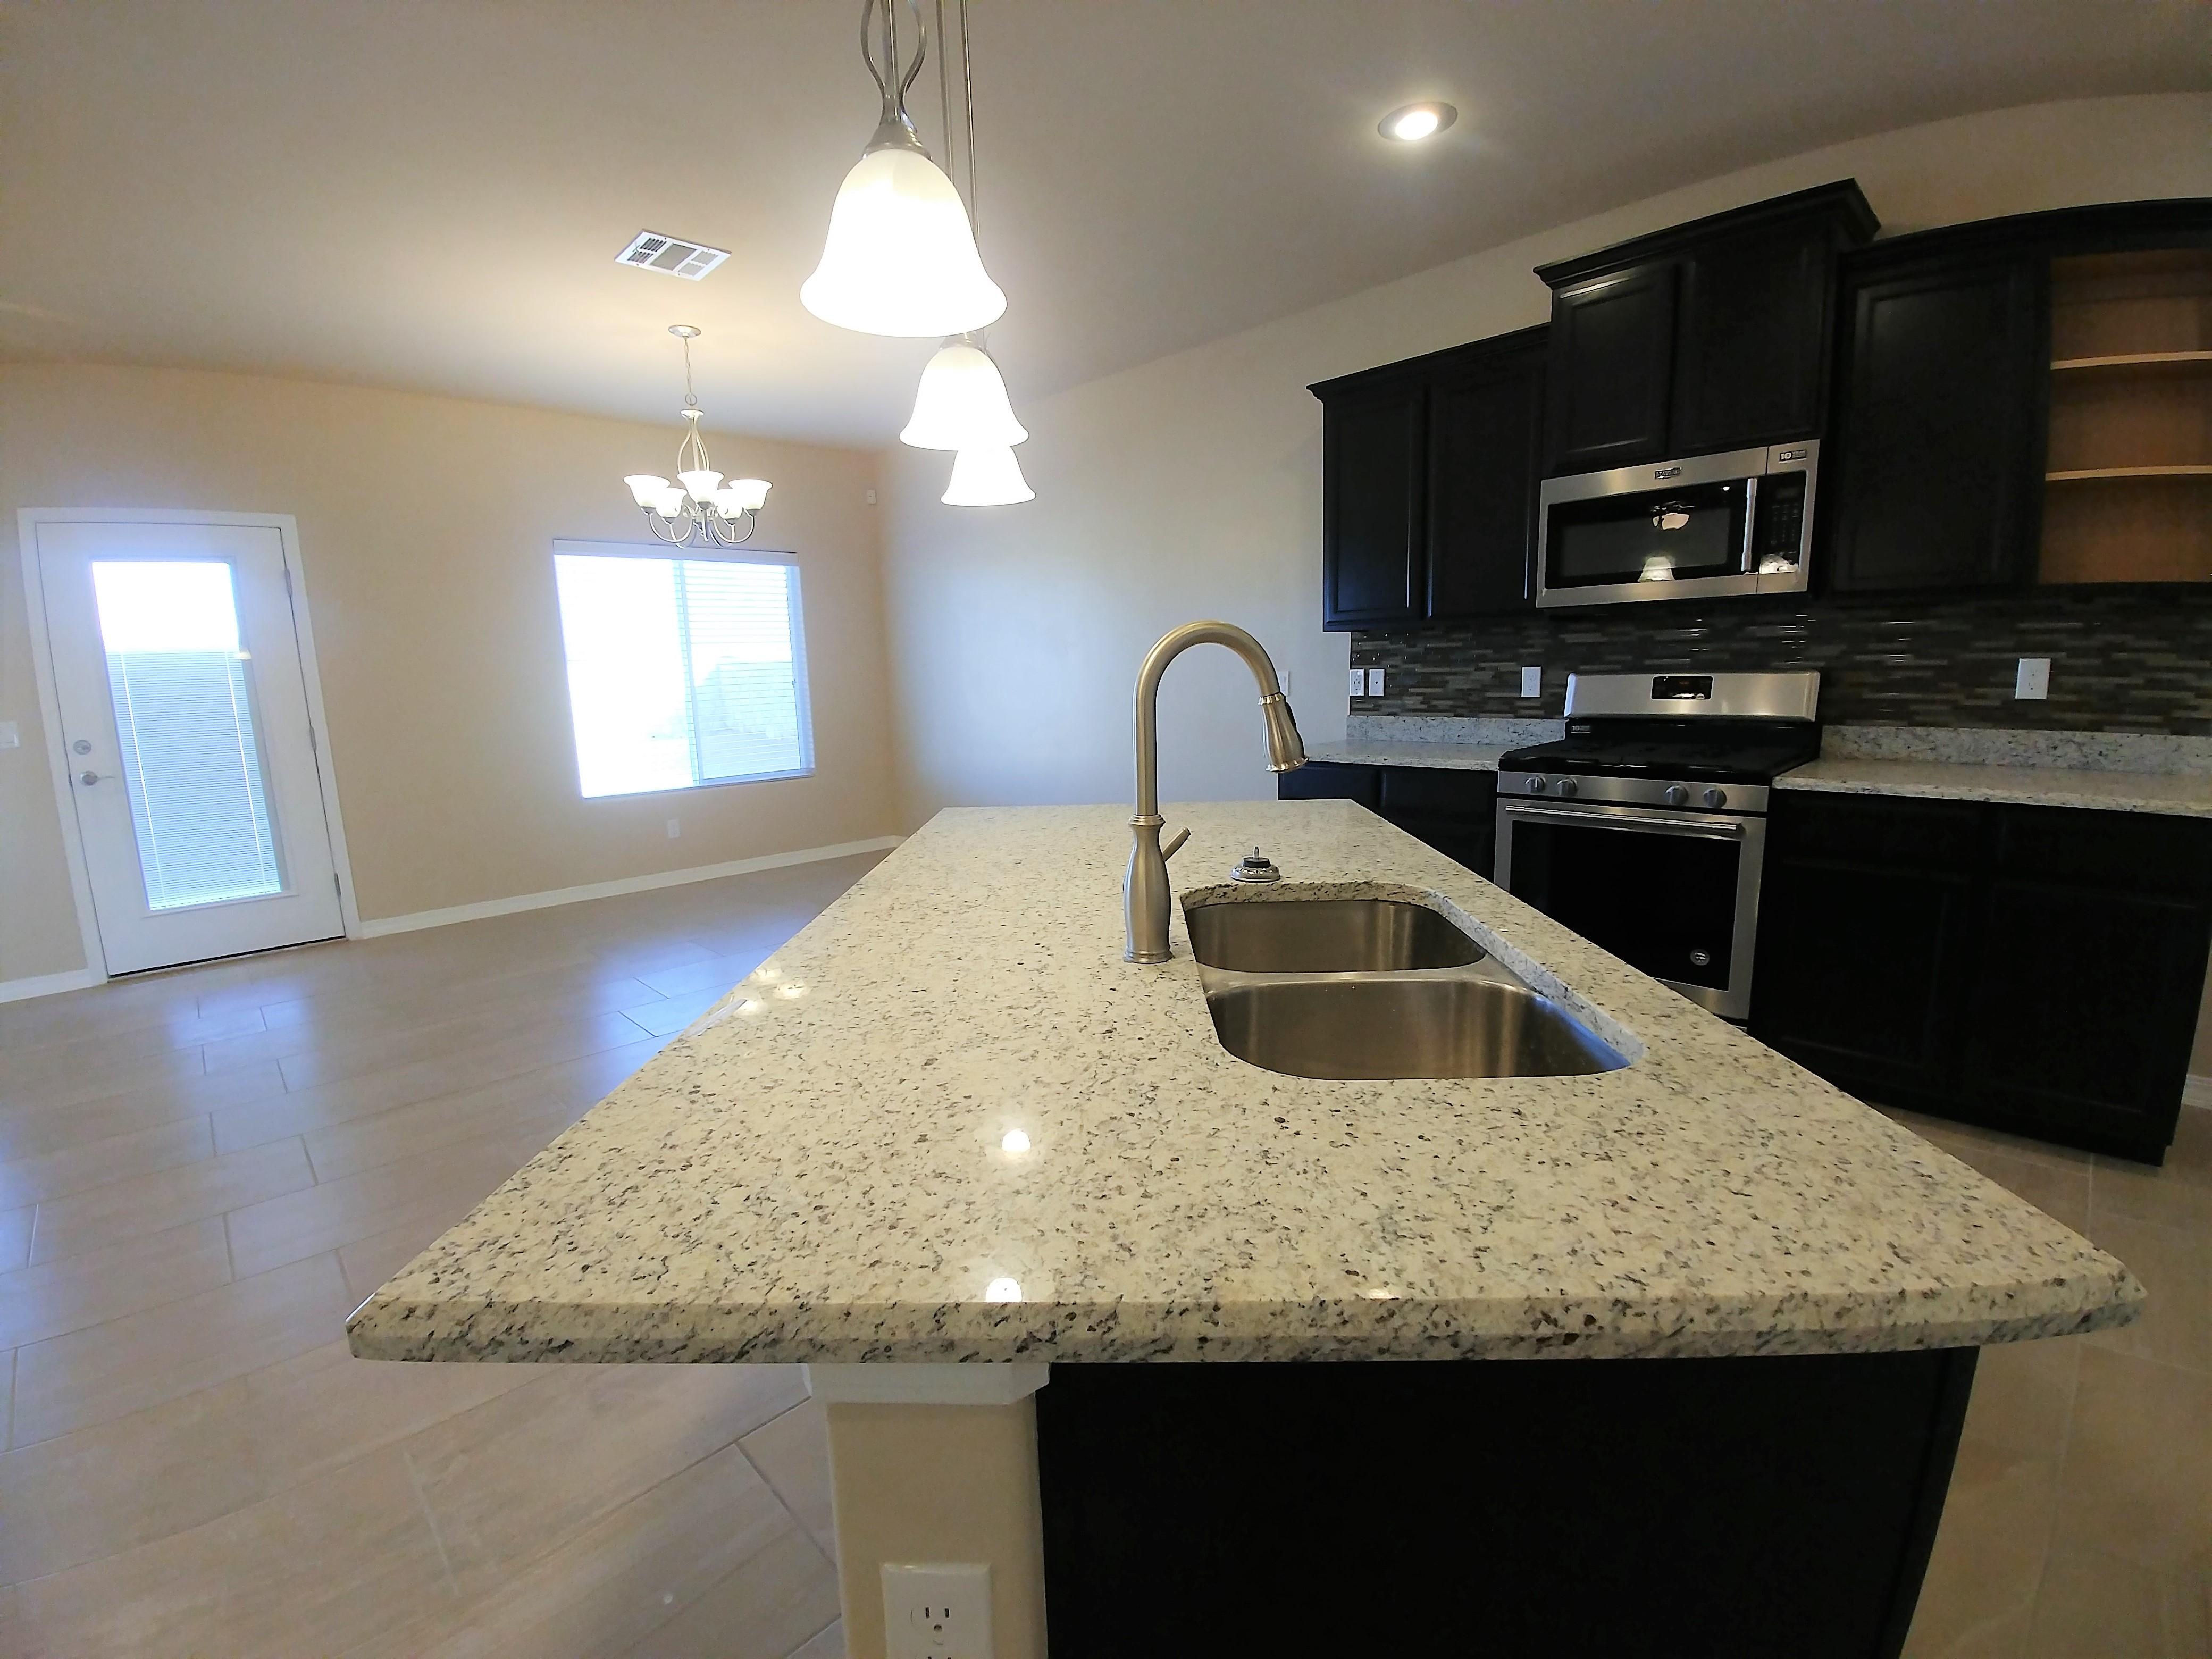 2050 Floor Plan - Kitchen